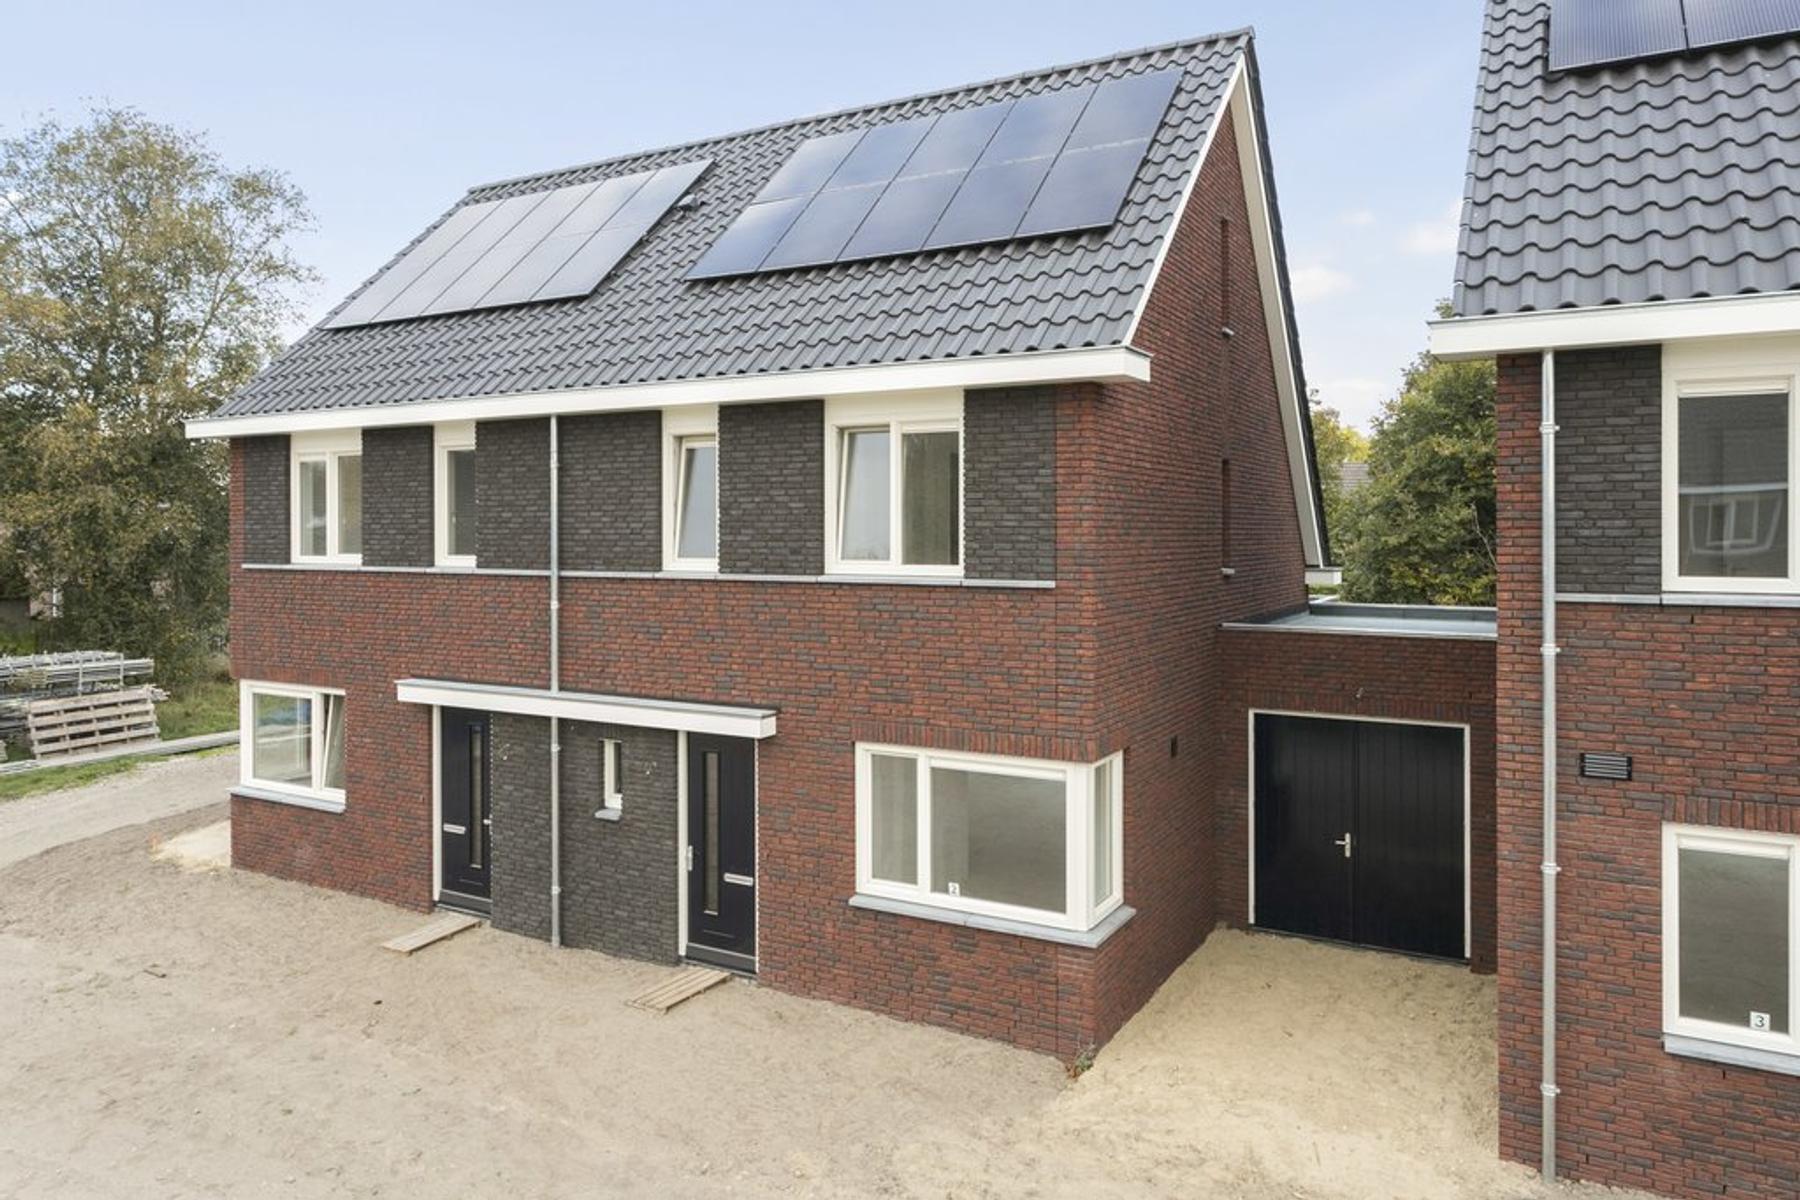 Hoekakker 2 in Netersel 5534 BE